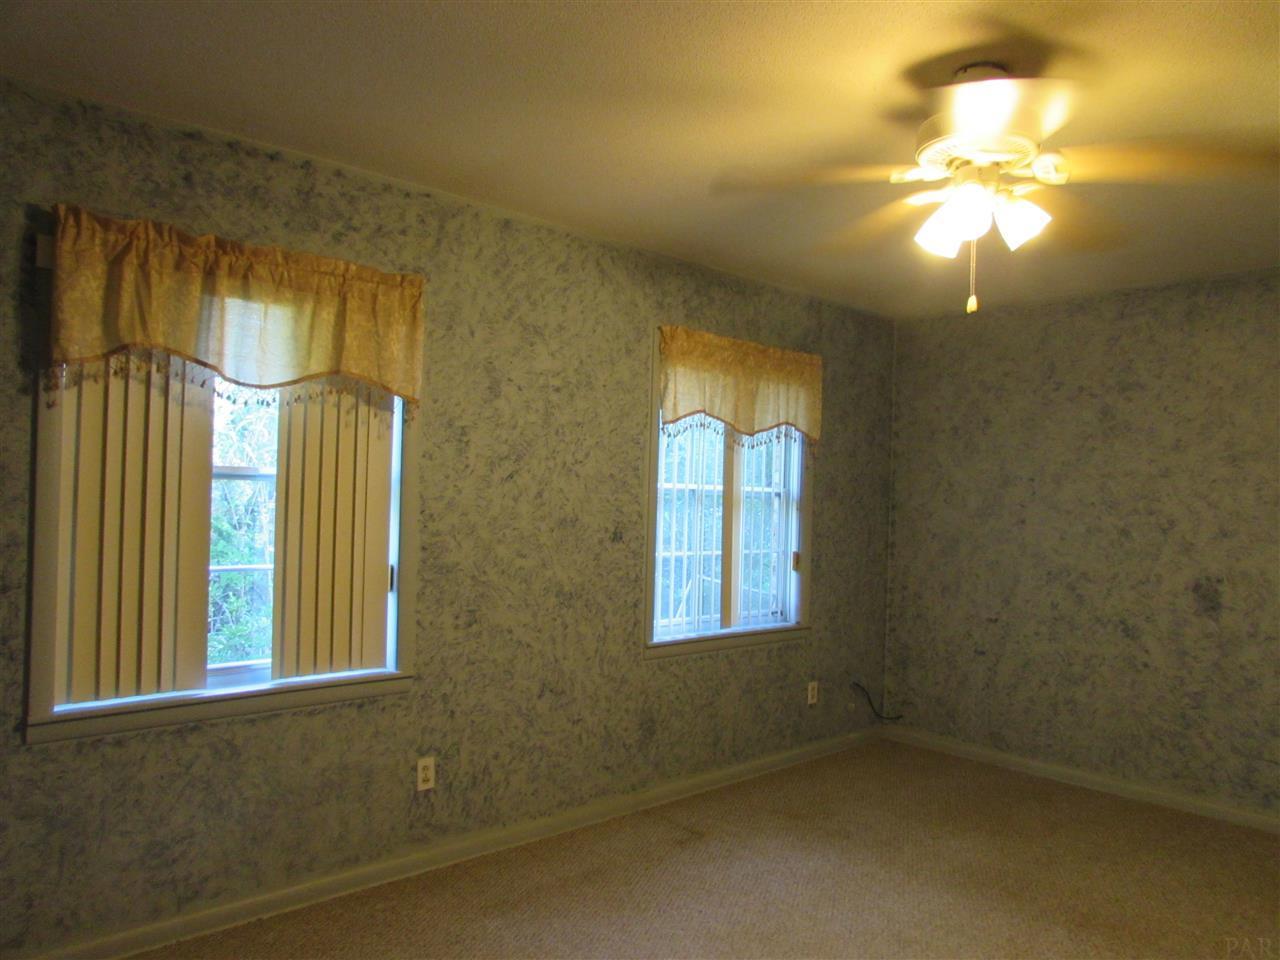 6468 Oakcrest Rd, Milton, FL 32570